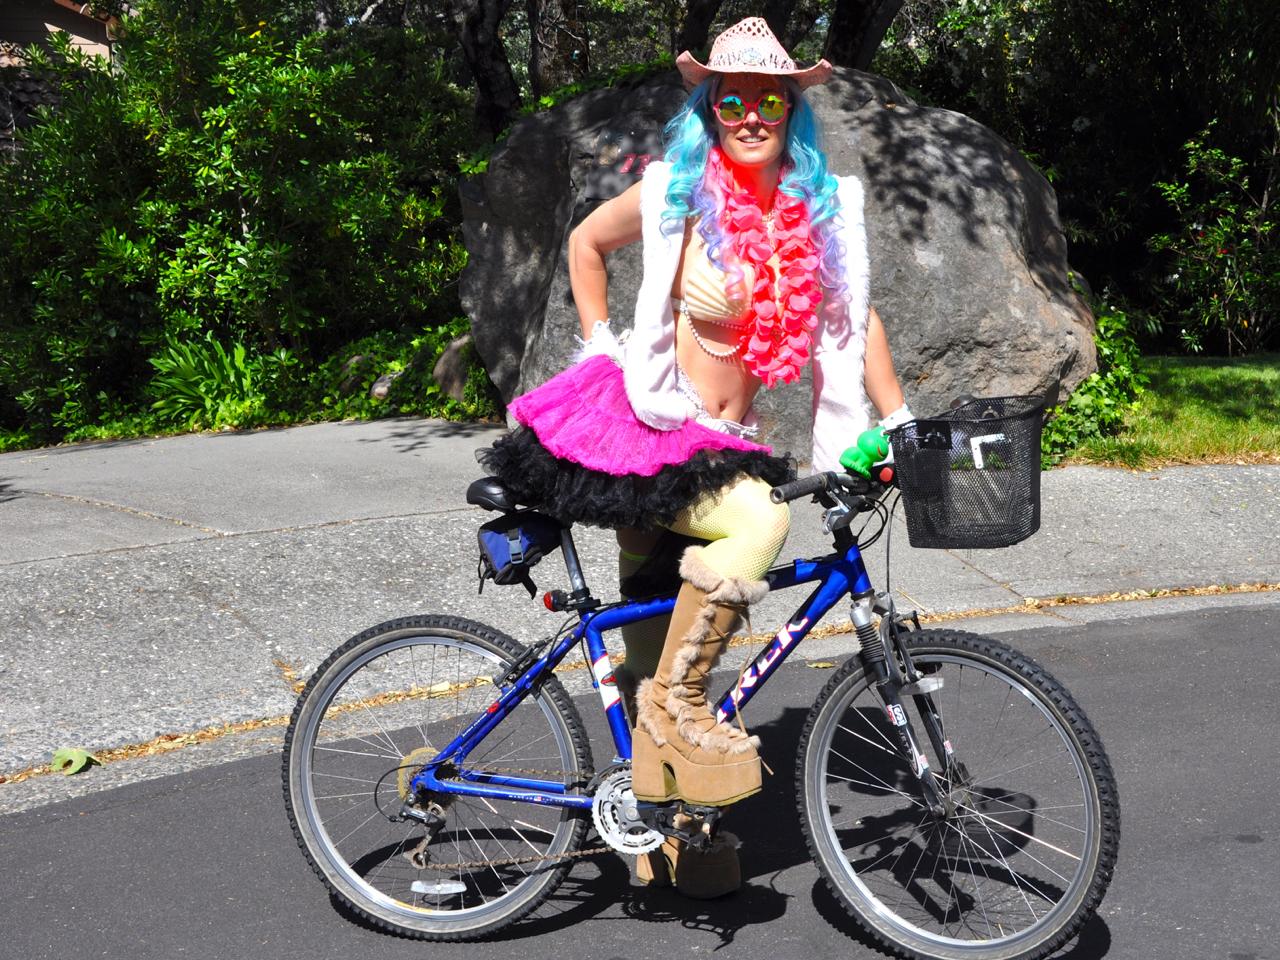 led_strips_burningman_bike2.jpg